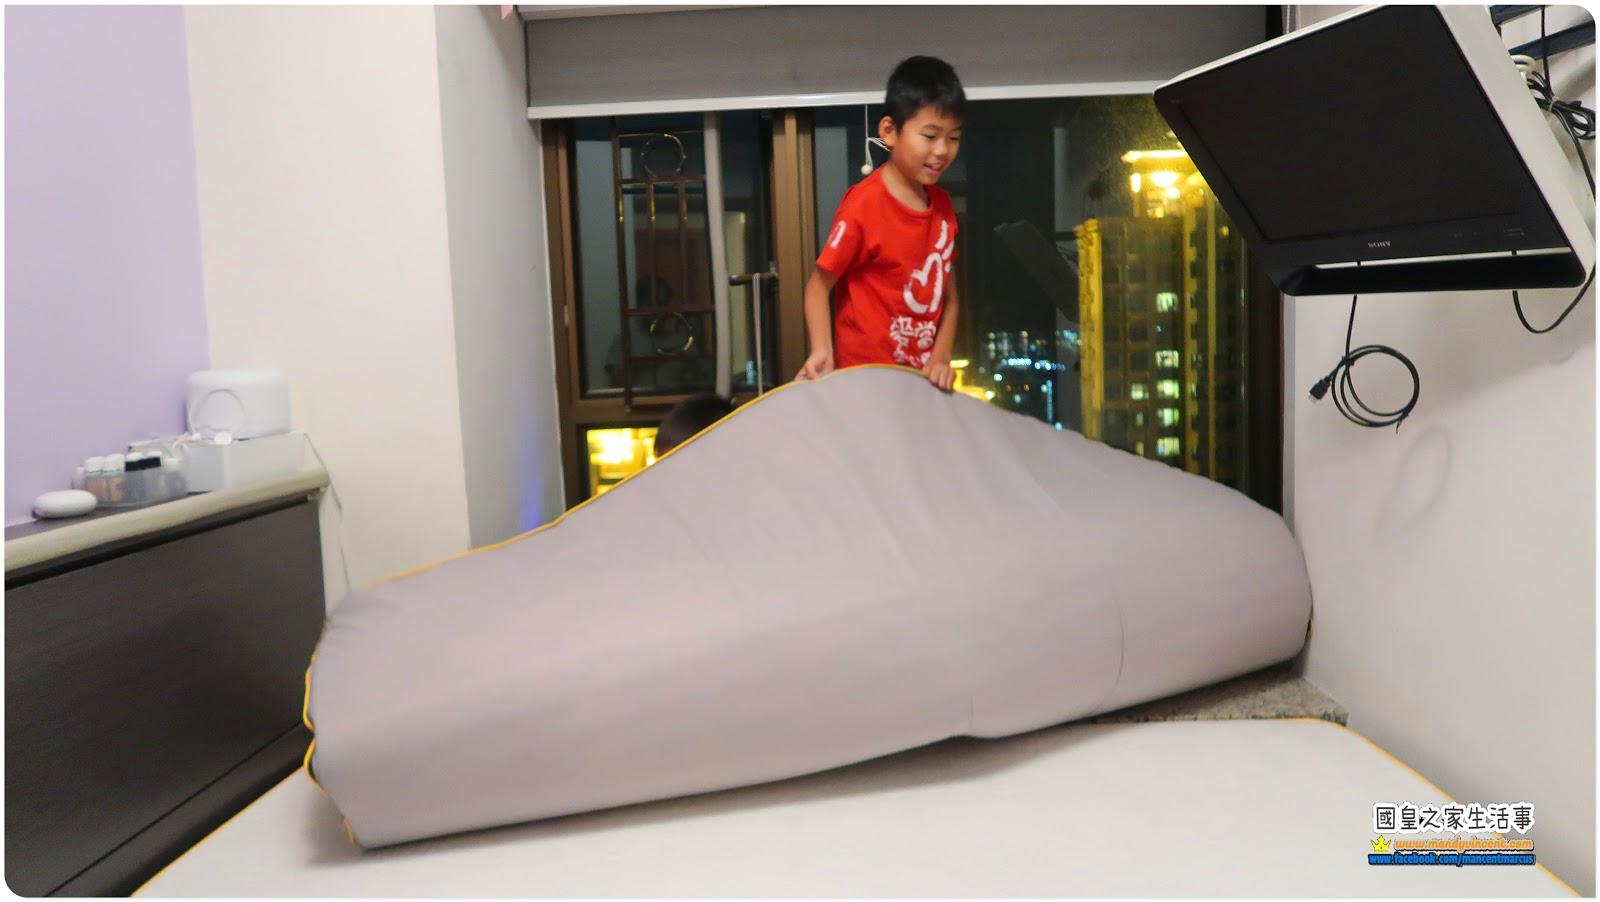 國皇的婚禮: Comma Sleep 床褥同床墊 (提供10年誠實保用) - 國皇之家首次瞓身推介